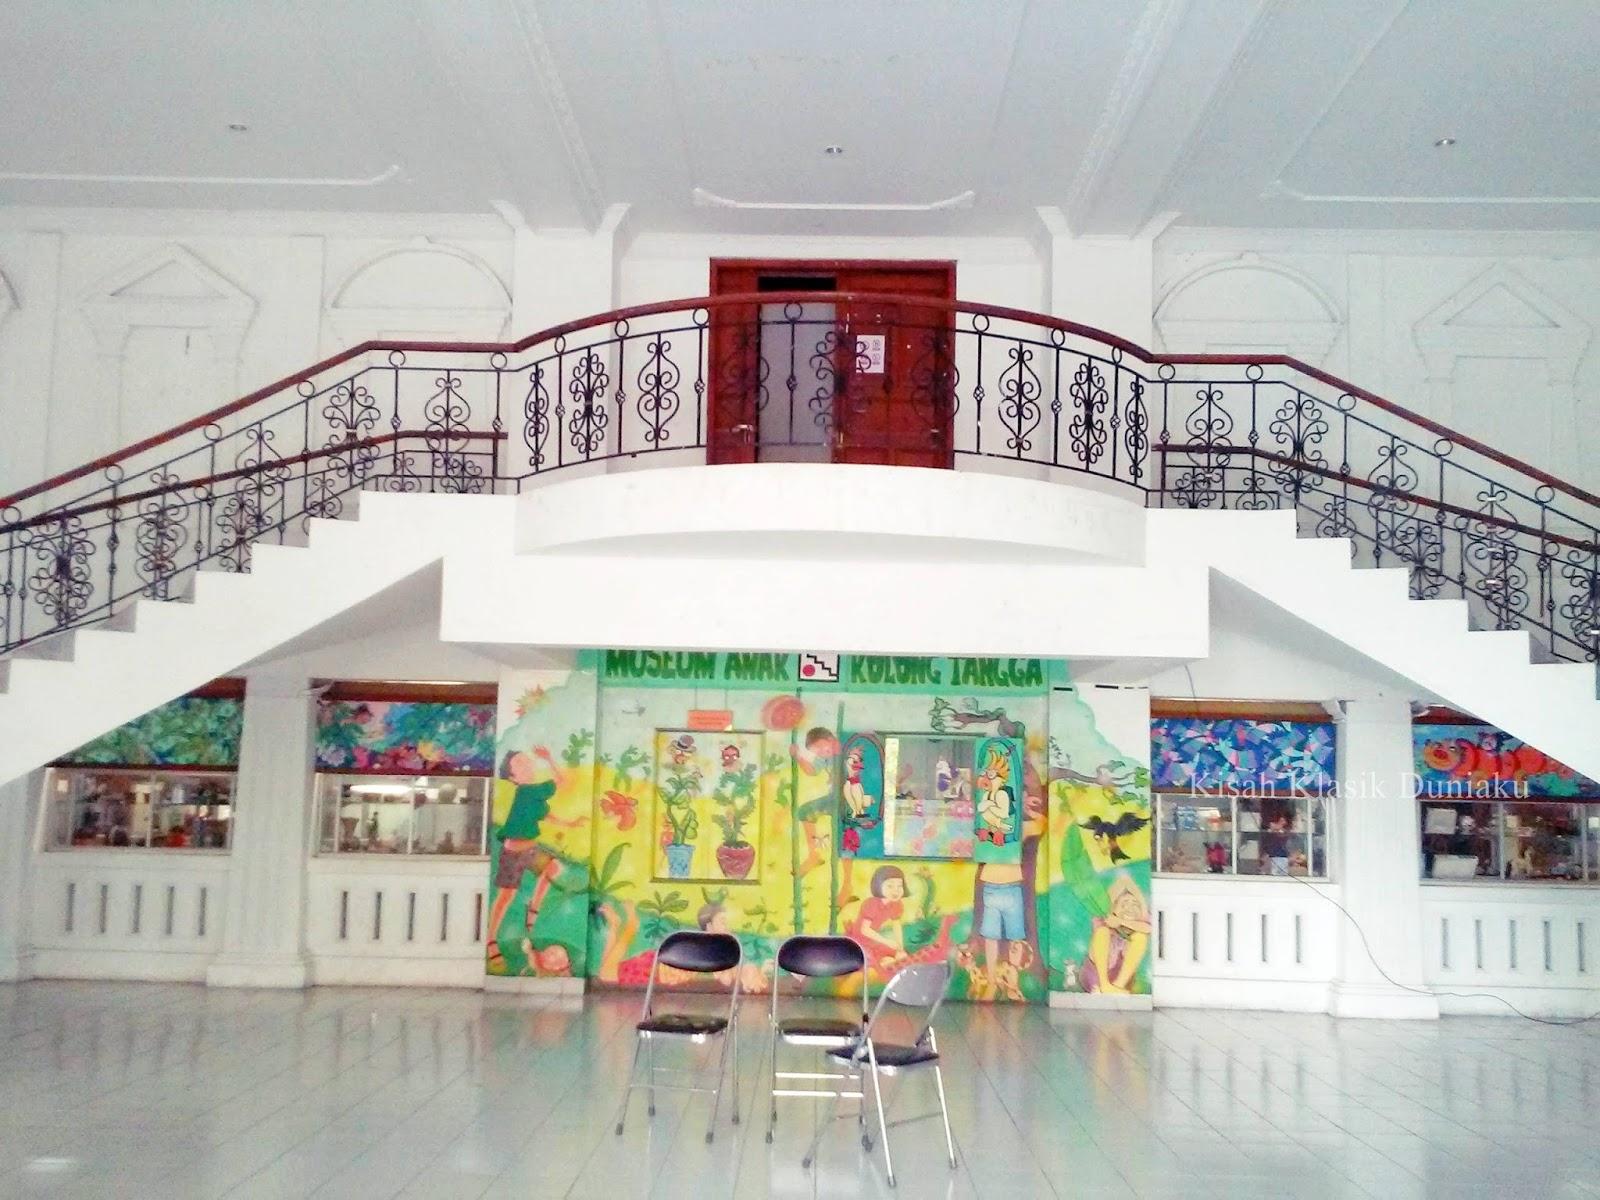 Kisah Klasik Duniaku Nostalgia Museum Anak Kolong Tangga Berdiri 2008